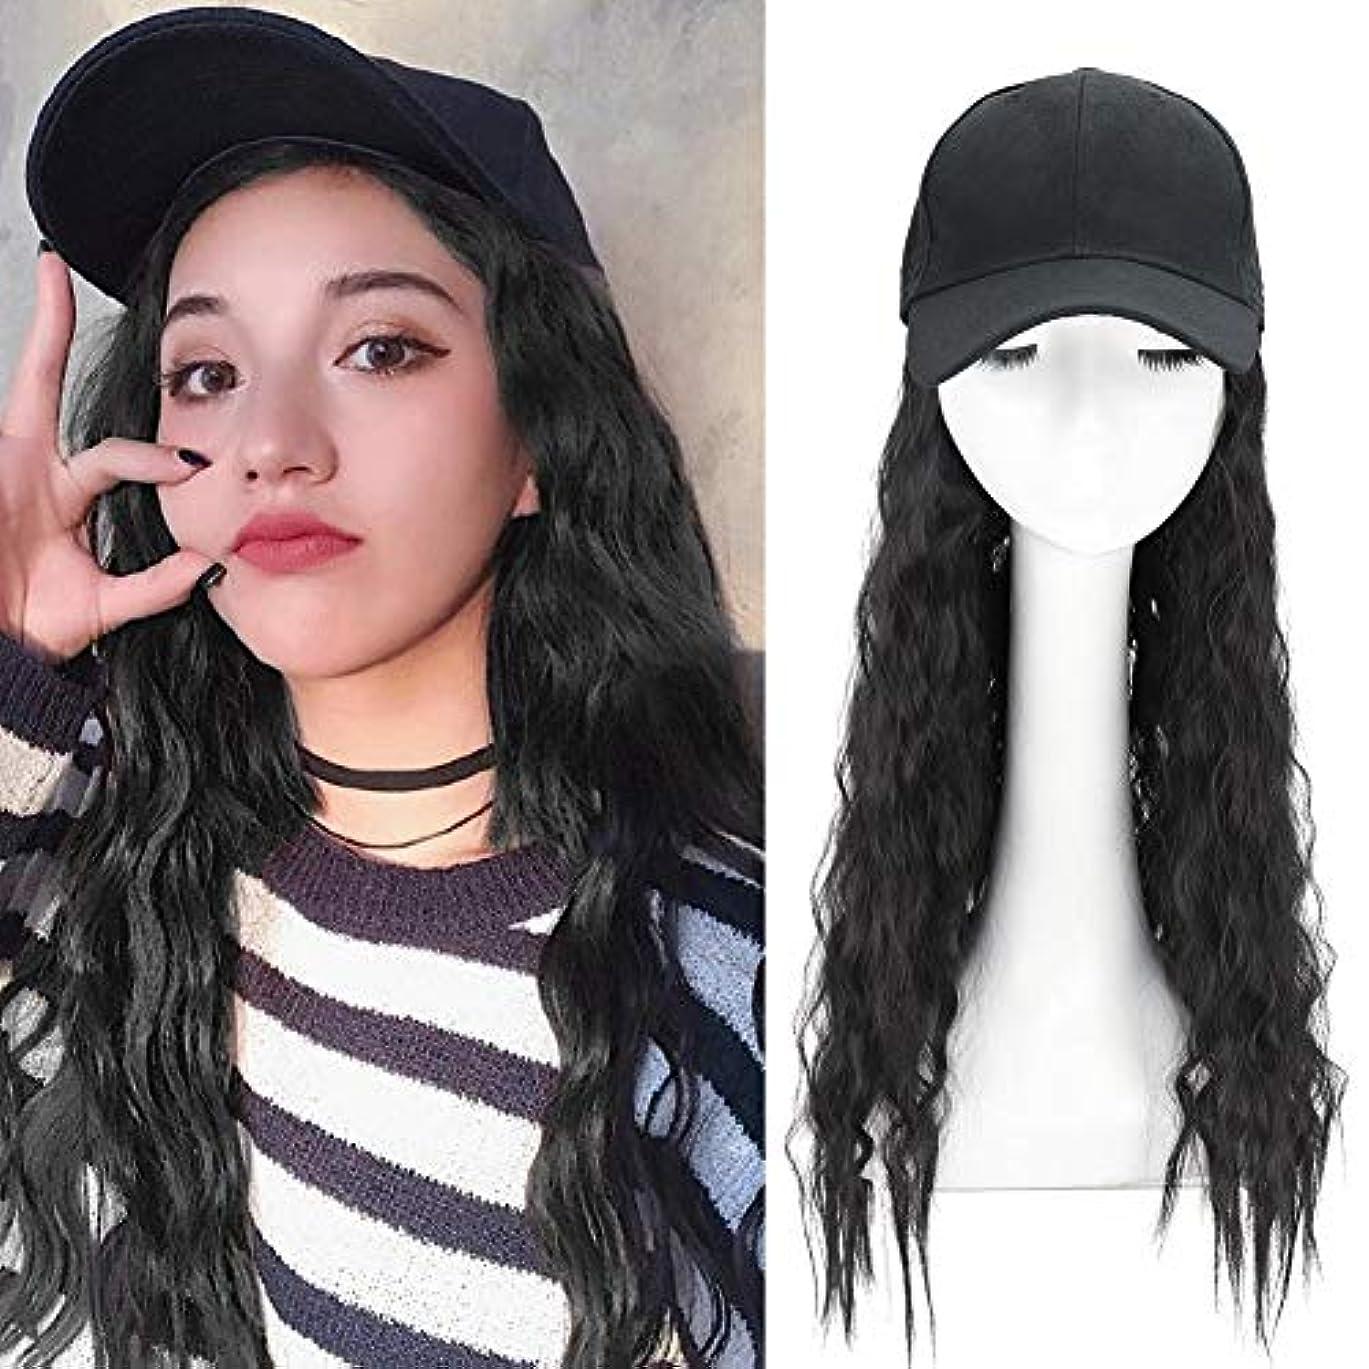 シリアル融合立ち向かう長い巻き毛を持つ合成長波野球帽合成毛を持つ波状かつらキャップ女の子のための髪を持つ調整可能な野球帽帽子